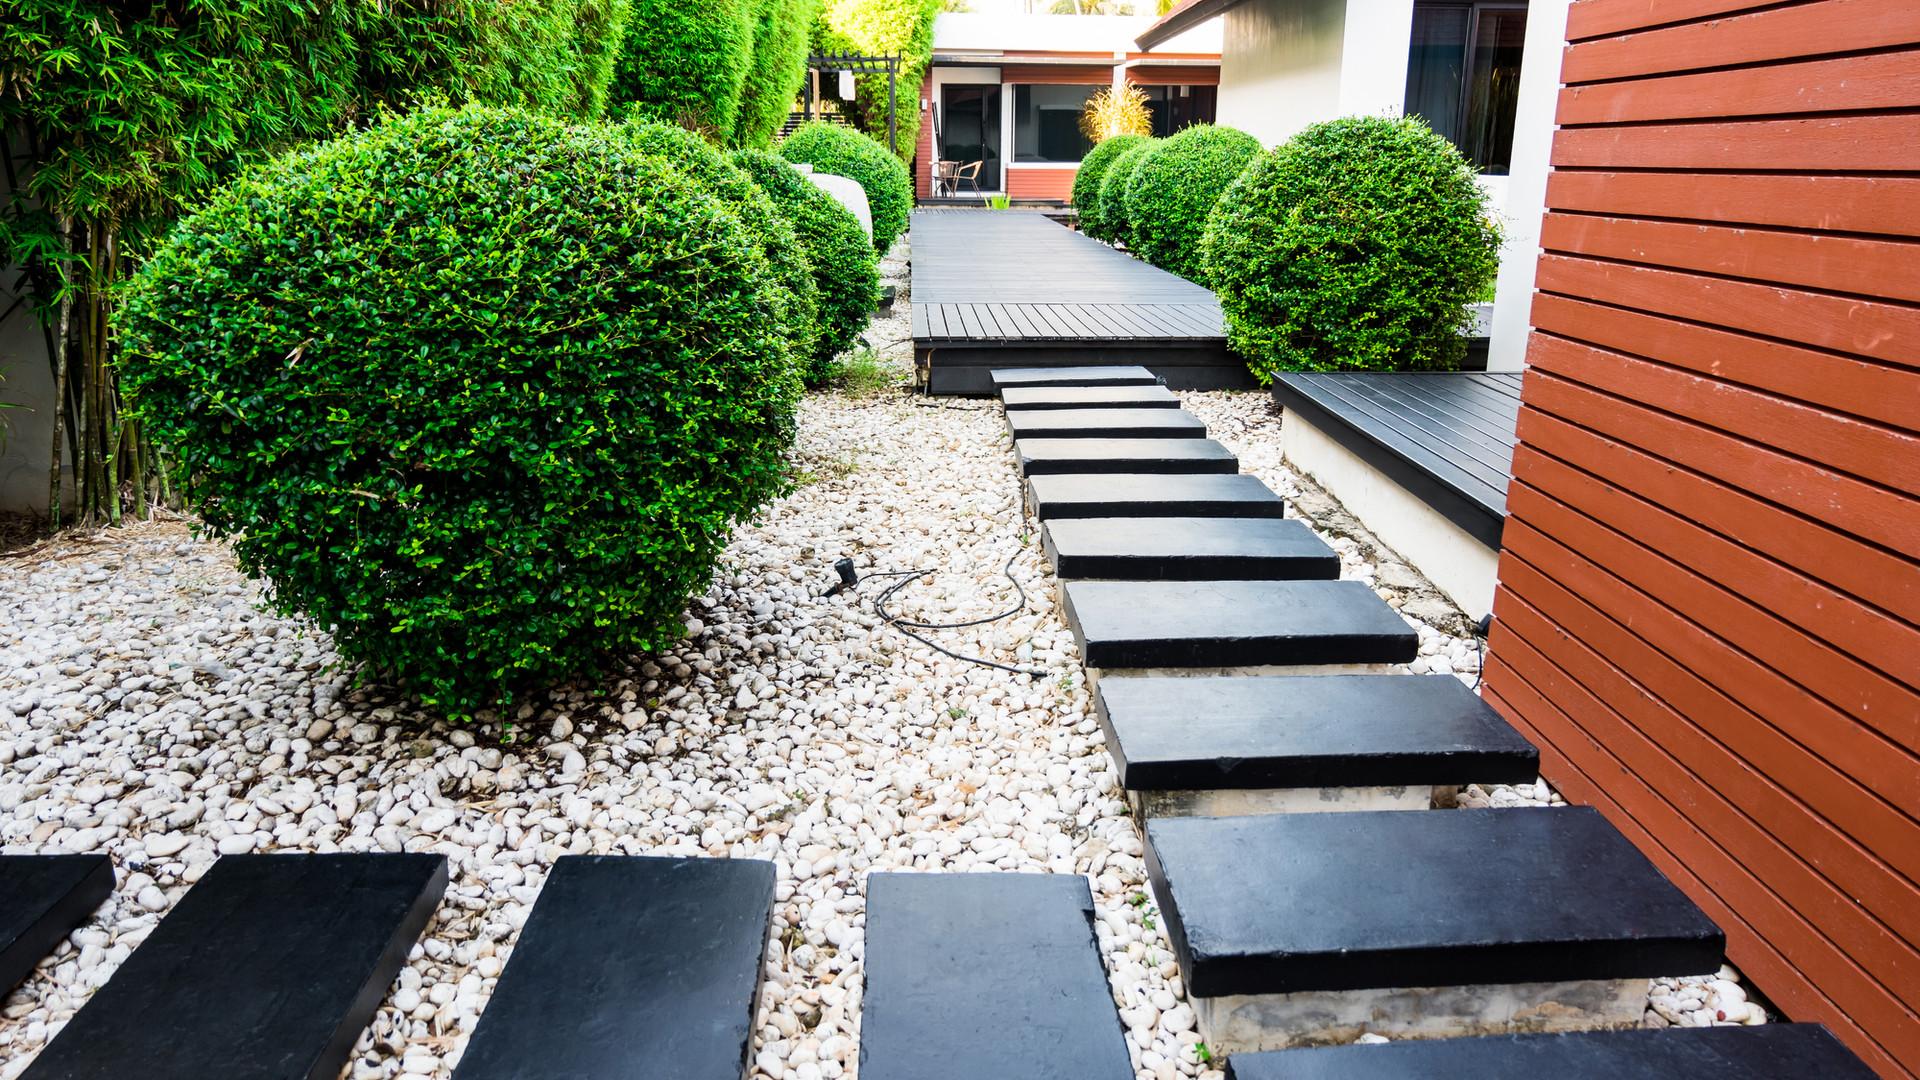 Yard Market Landscaping & Design Services